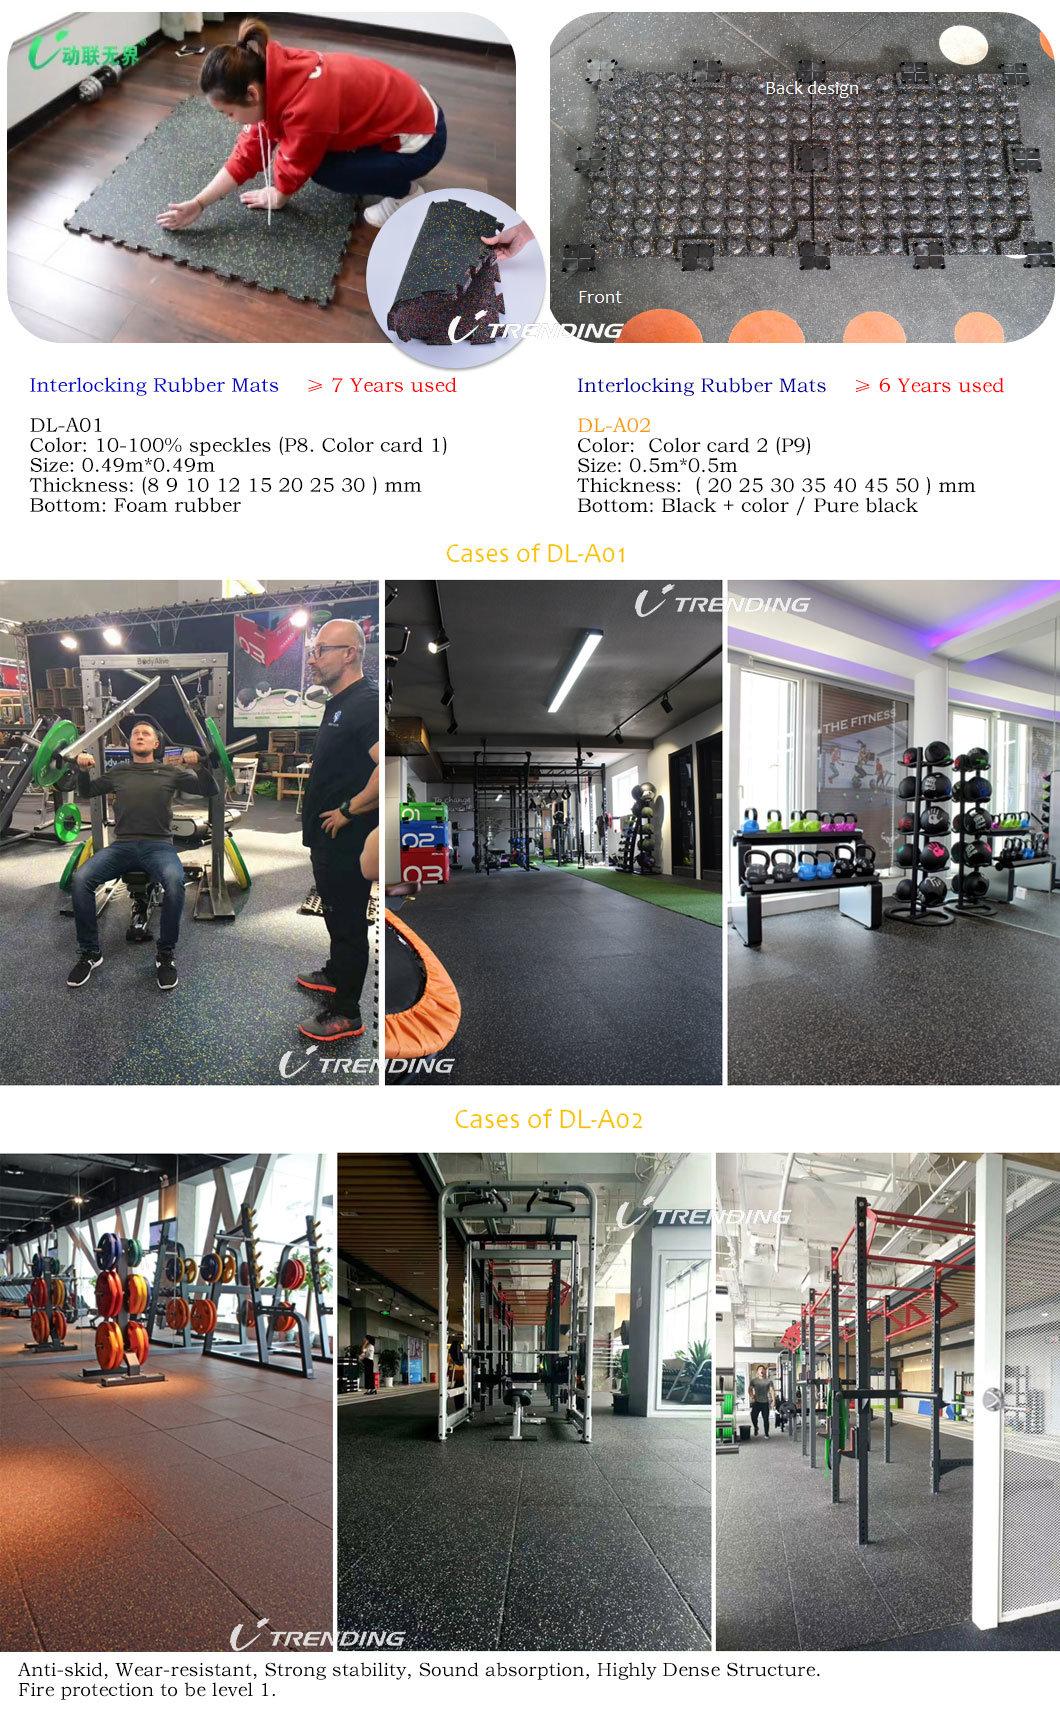 Waterproof EPDM Crossfit Gym Noise Reduction Rubber Flooring Tile / Bricks / Rolls / Interlocking